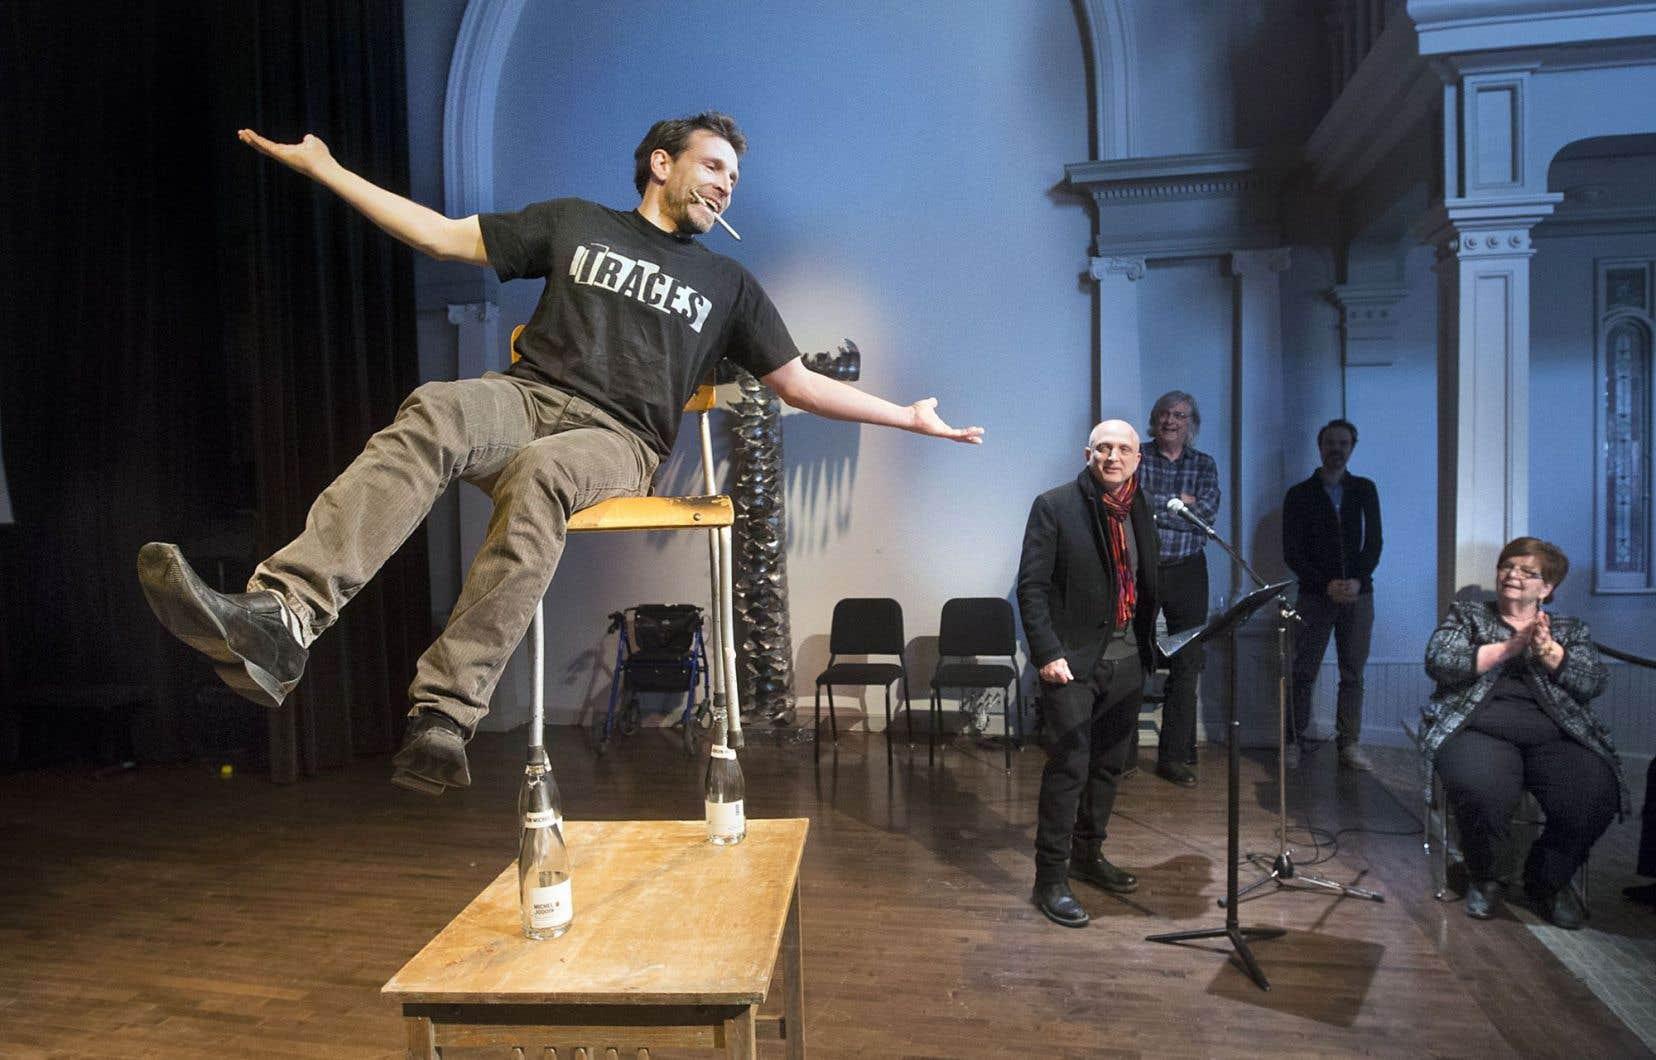 Patrick Léonard, un des membres fondateurs des 7 doigts de la main, a fait quelques acrobaties sous le regard du d.g. du collectif, Nassib El-Husseini.